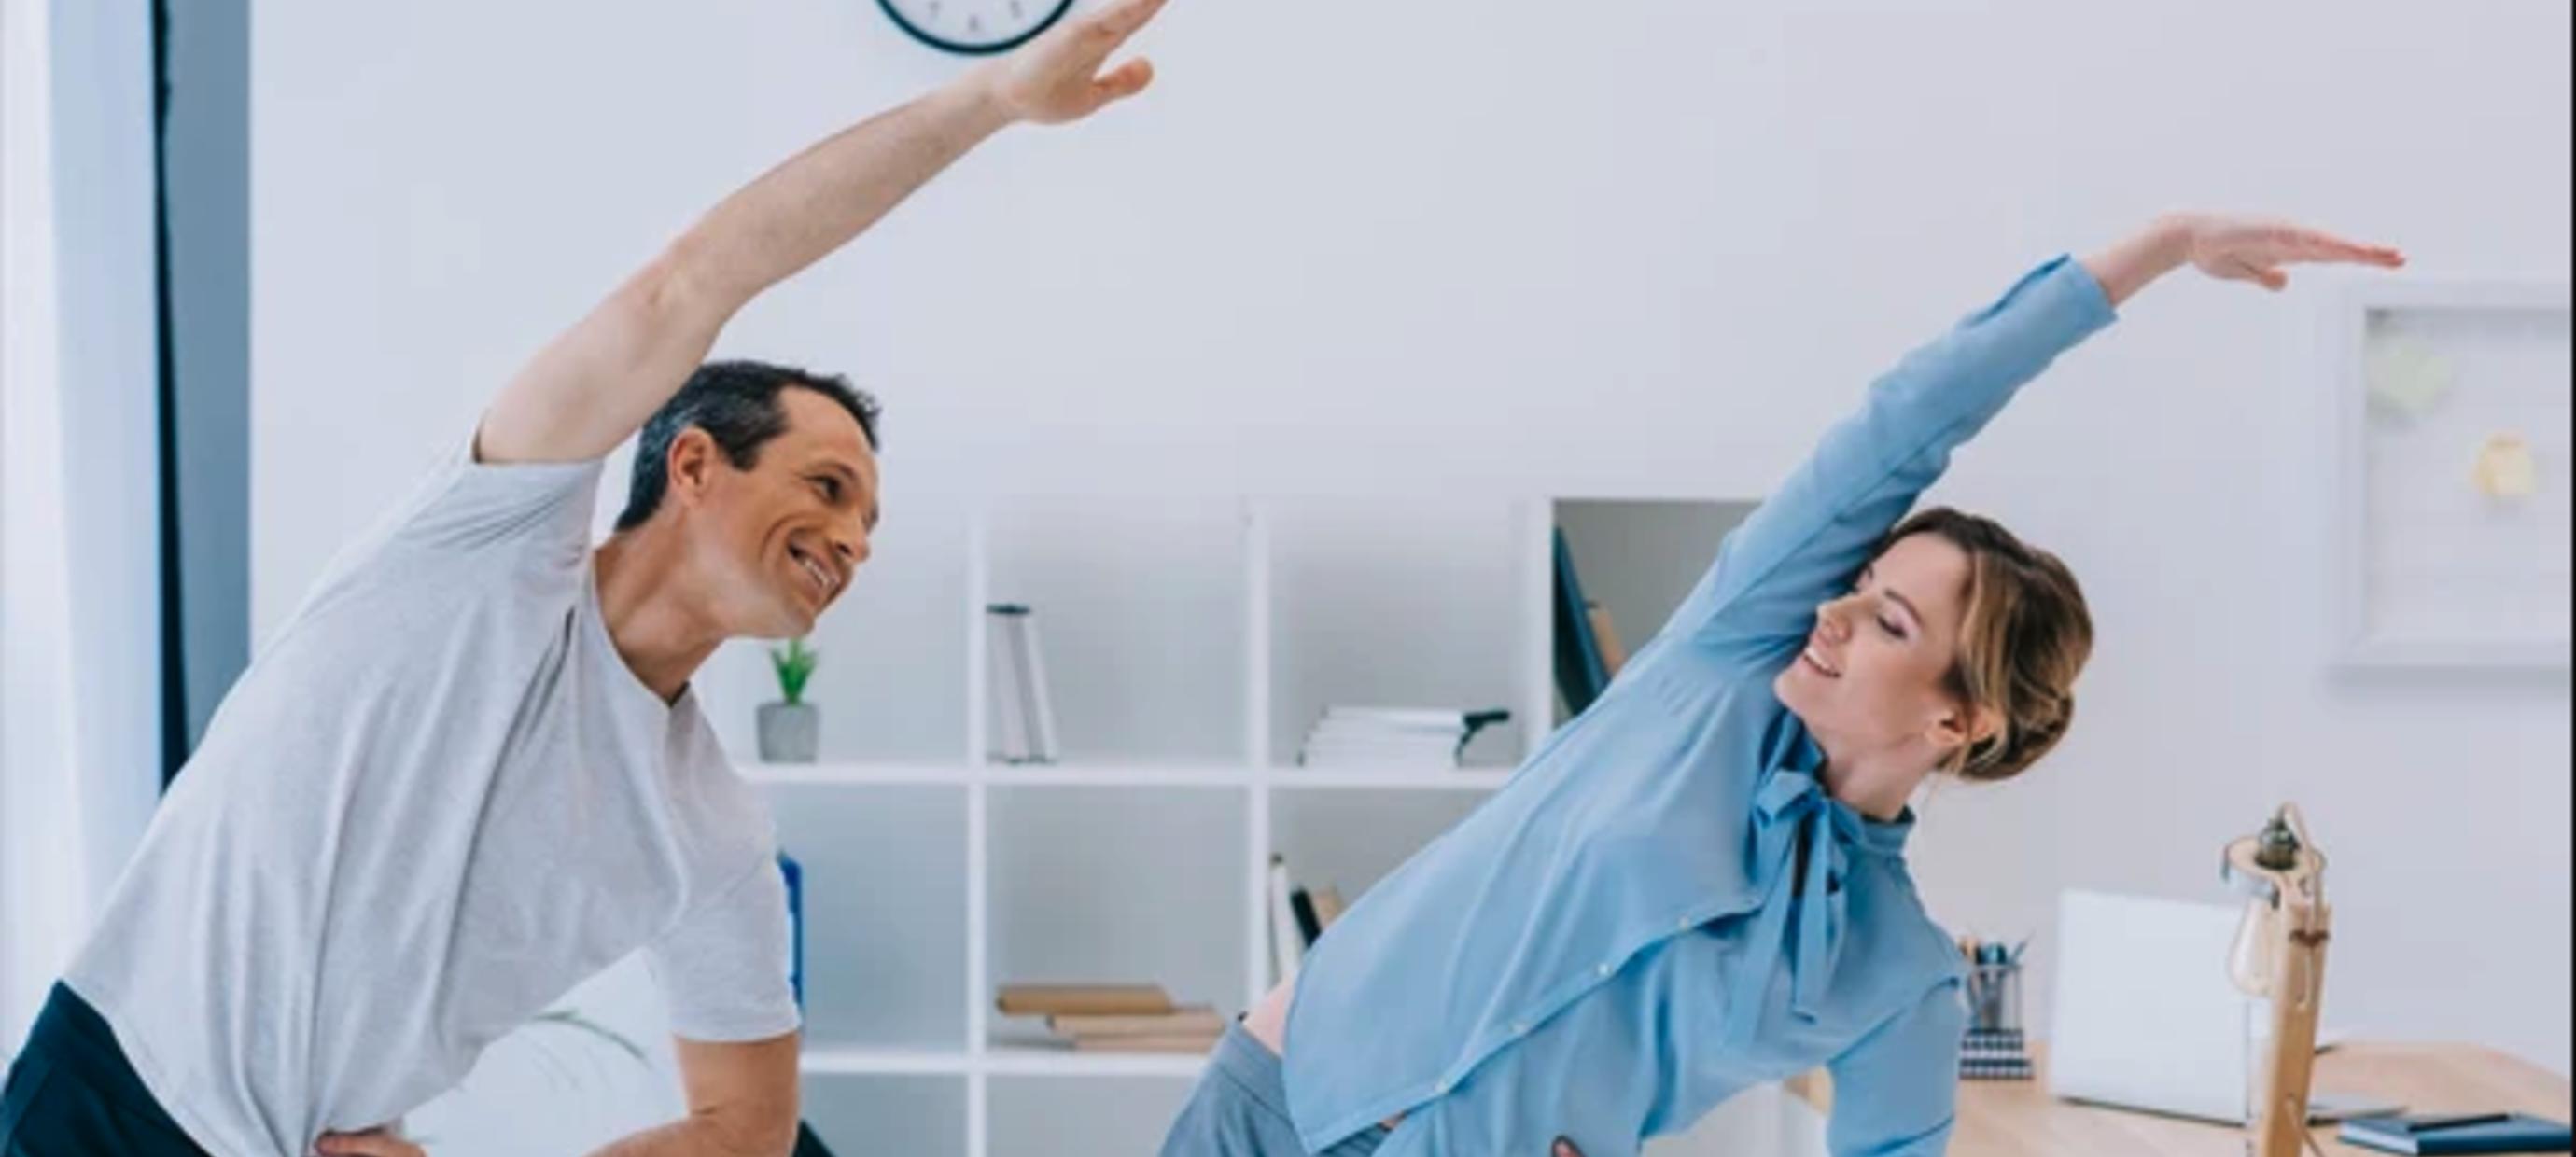 7 Schnelle und einfache Tipps zum Erstellen eines aktiven Büros